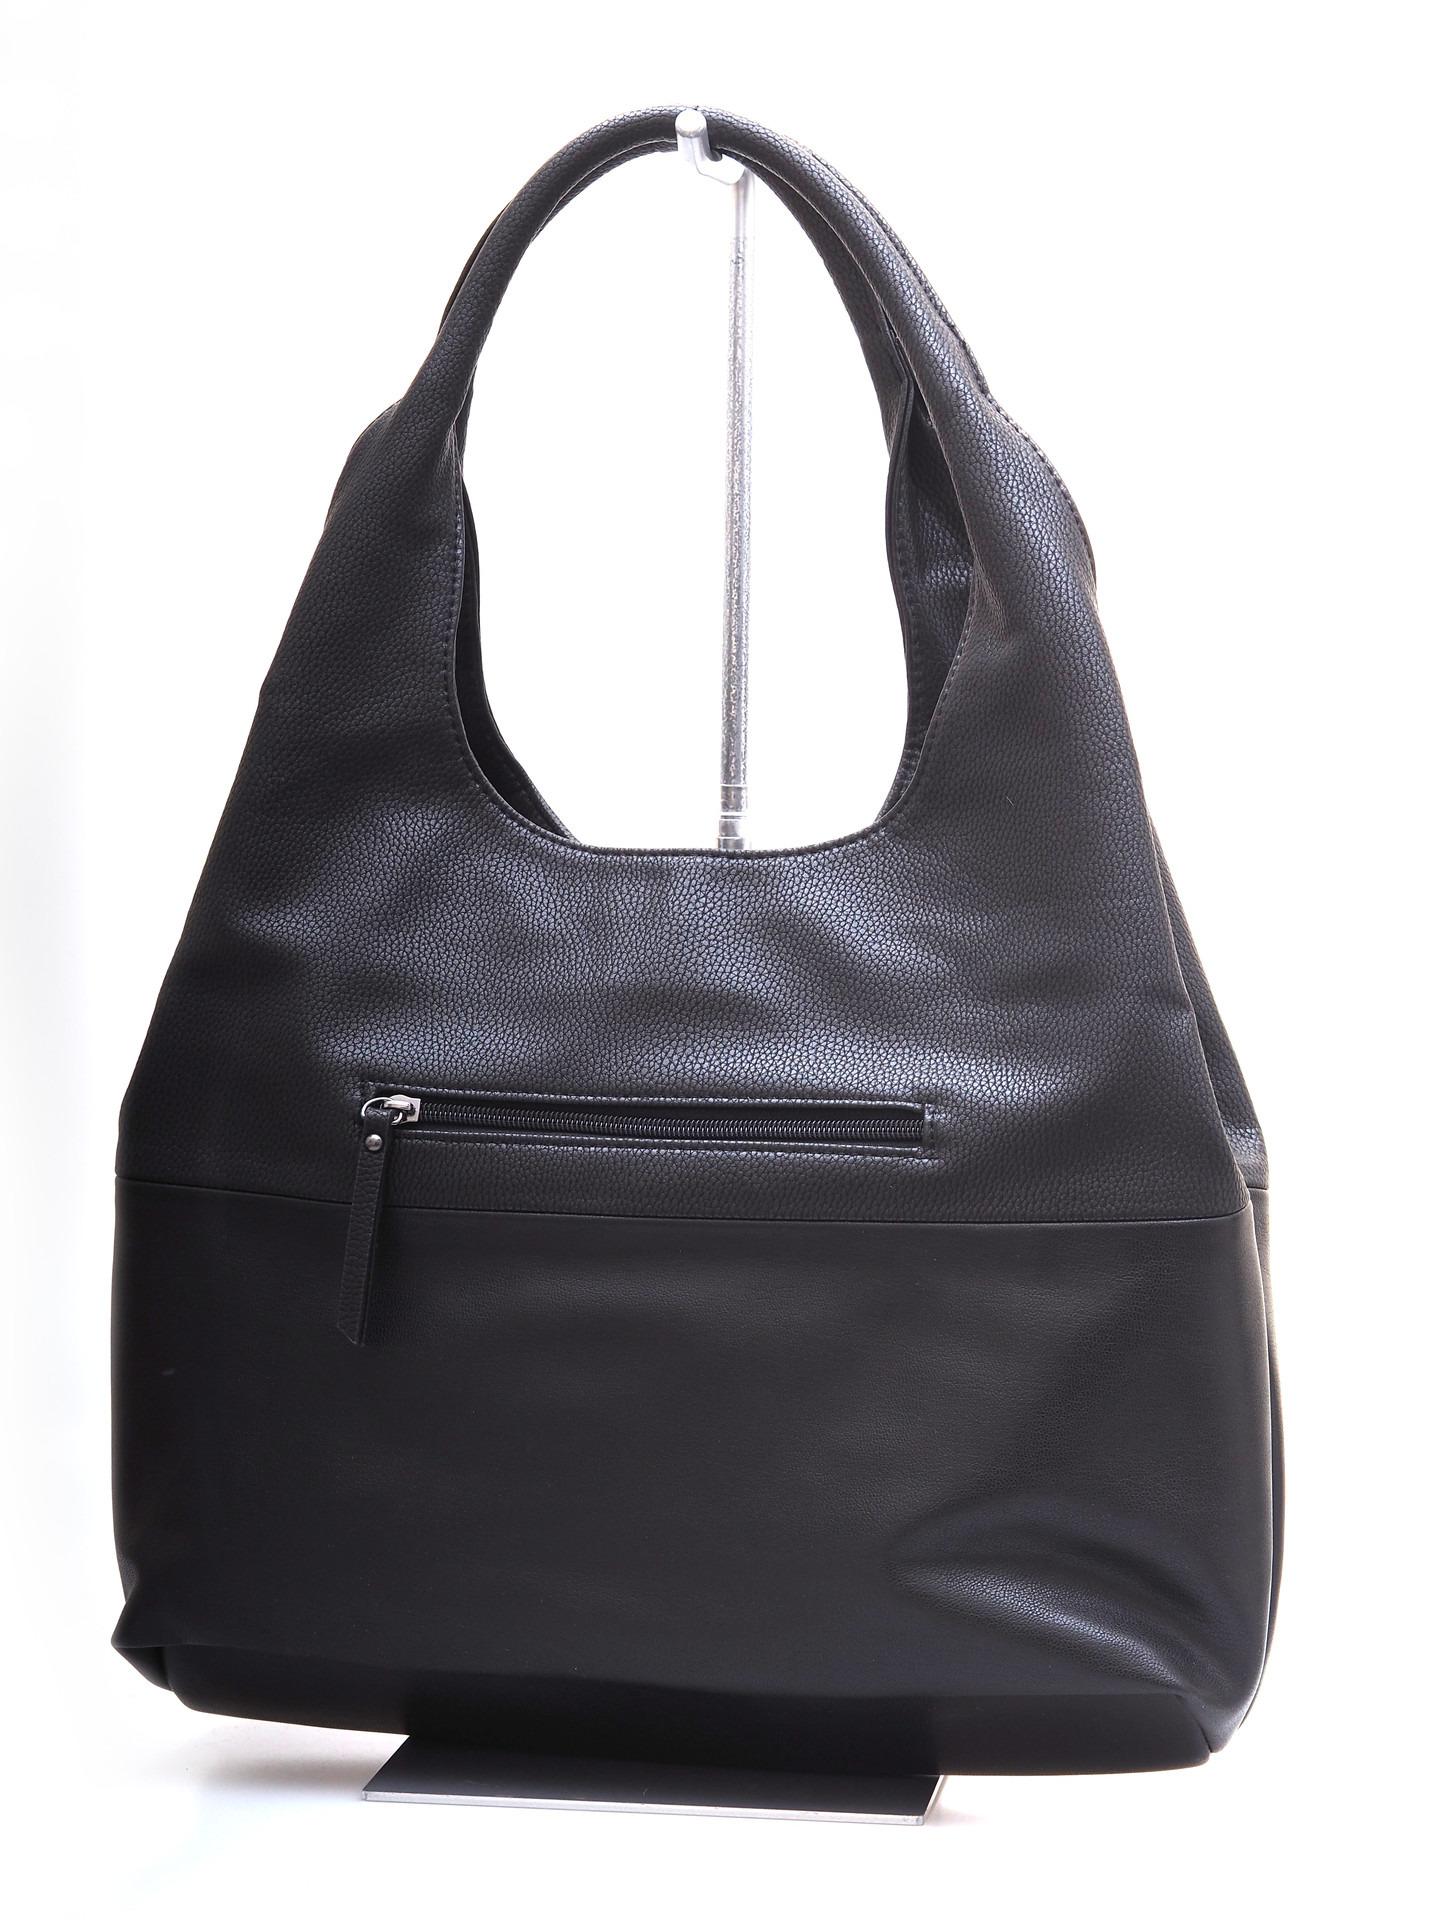 Soňa - Dámska - Dámske kabelky - Čierna dámska kabelka cez plece ... 2c4ac229c73